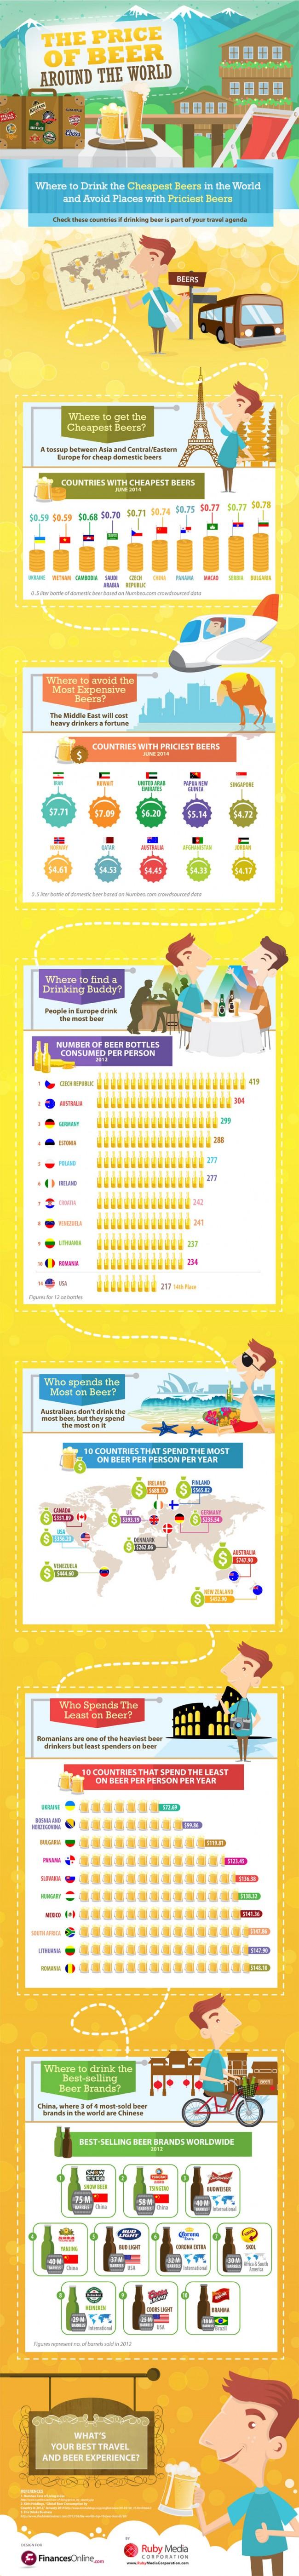 le-prix-de-la-biere-infographie